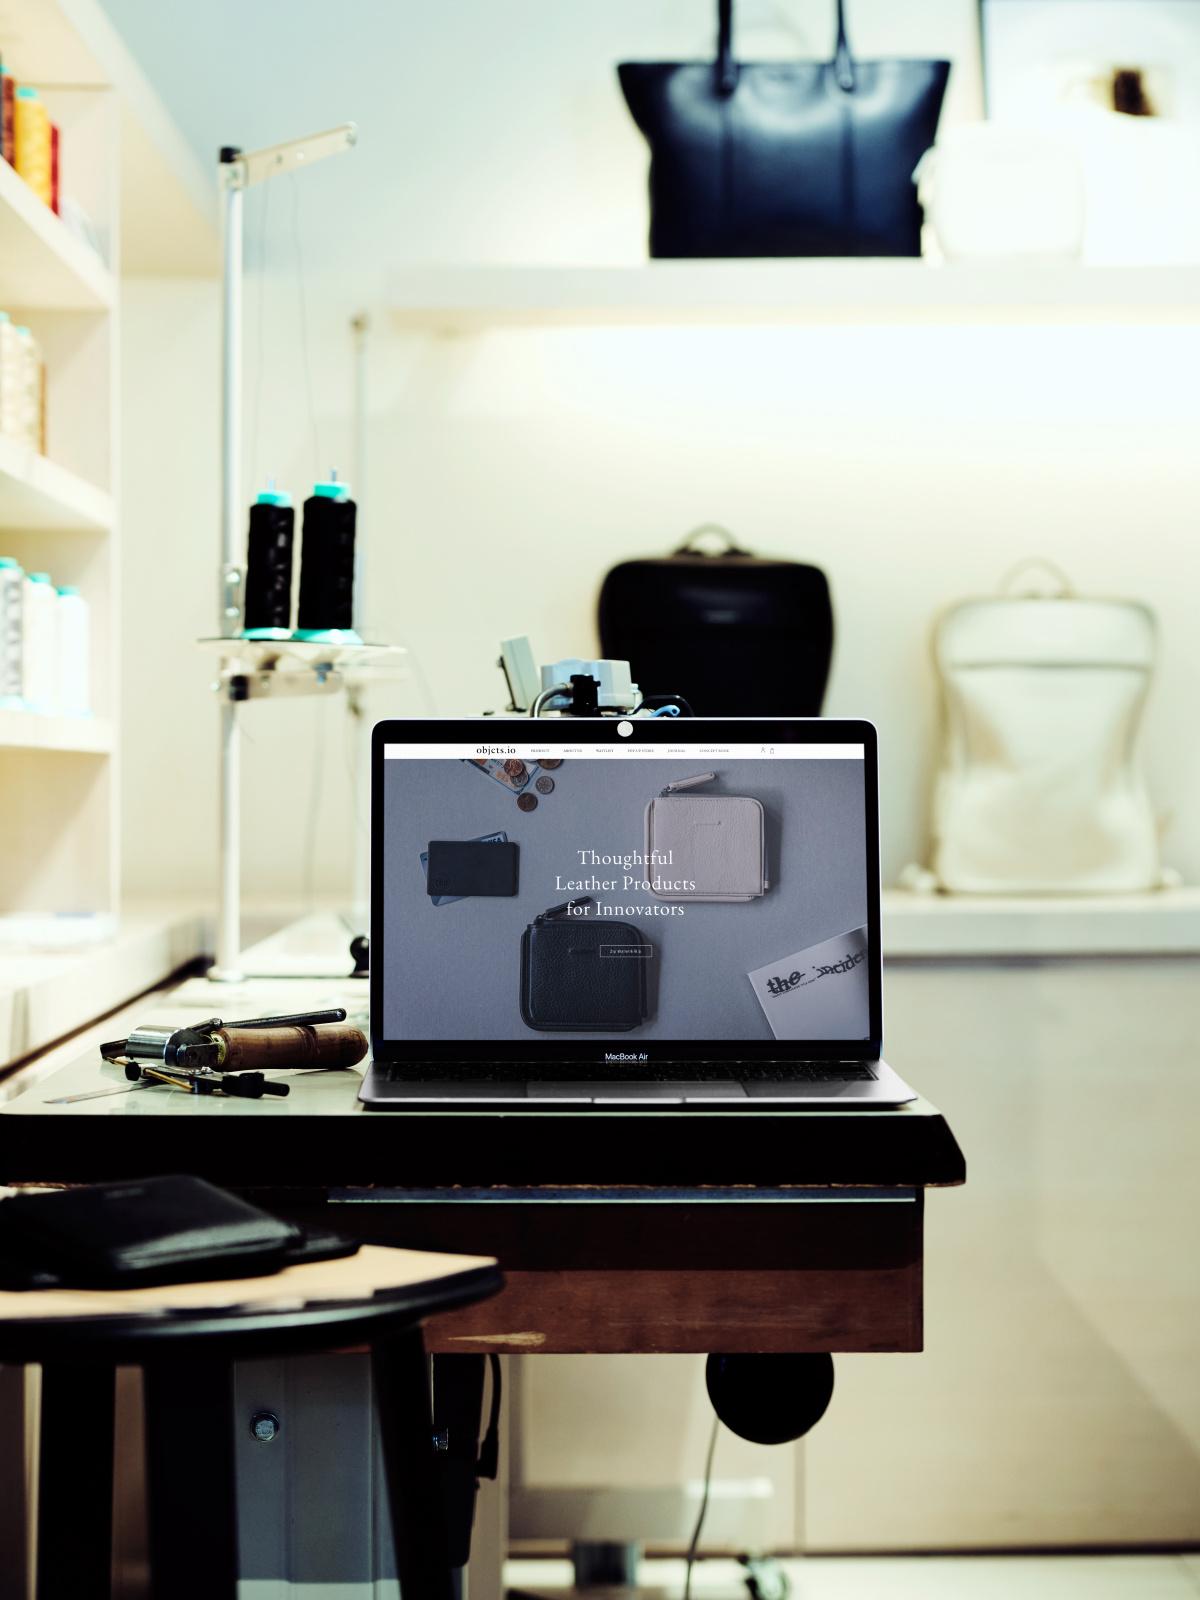 これまでにないブランド独自の体験を提供する、新たなECプラットフォームサービスの力とは。